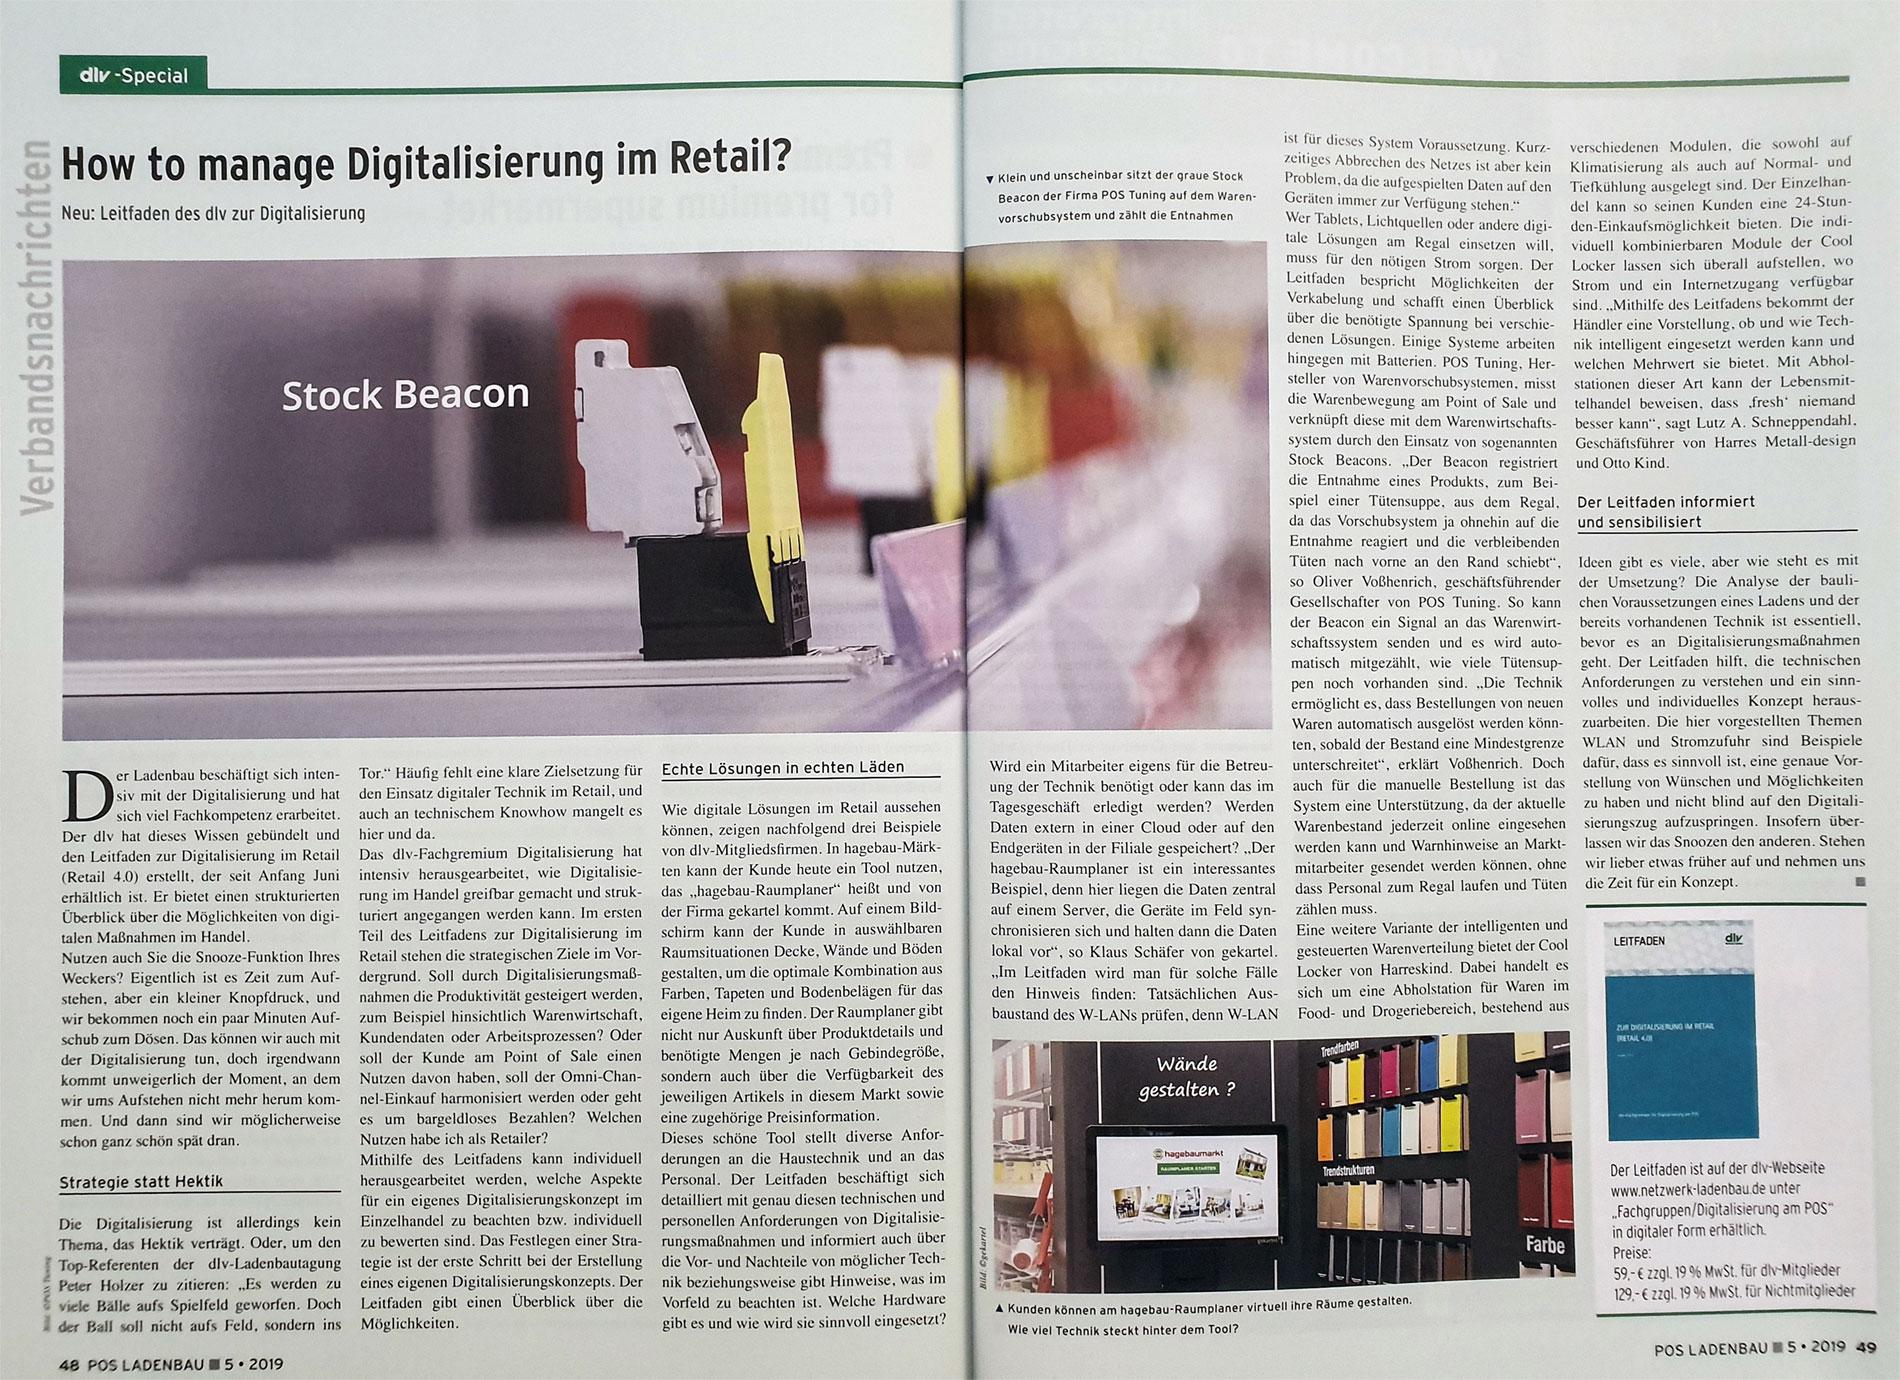 Digitalisierung im Retail